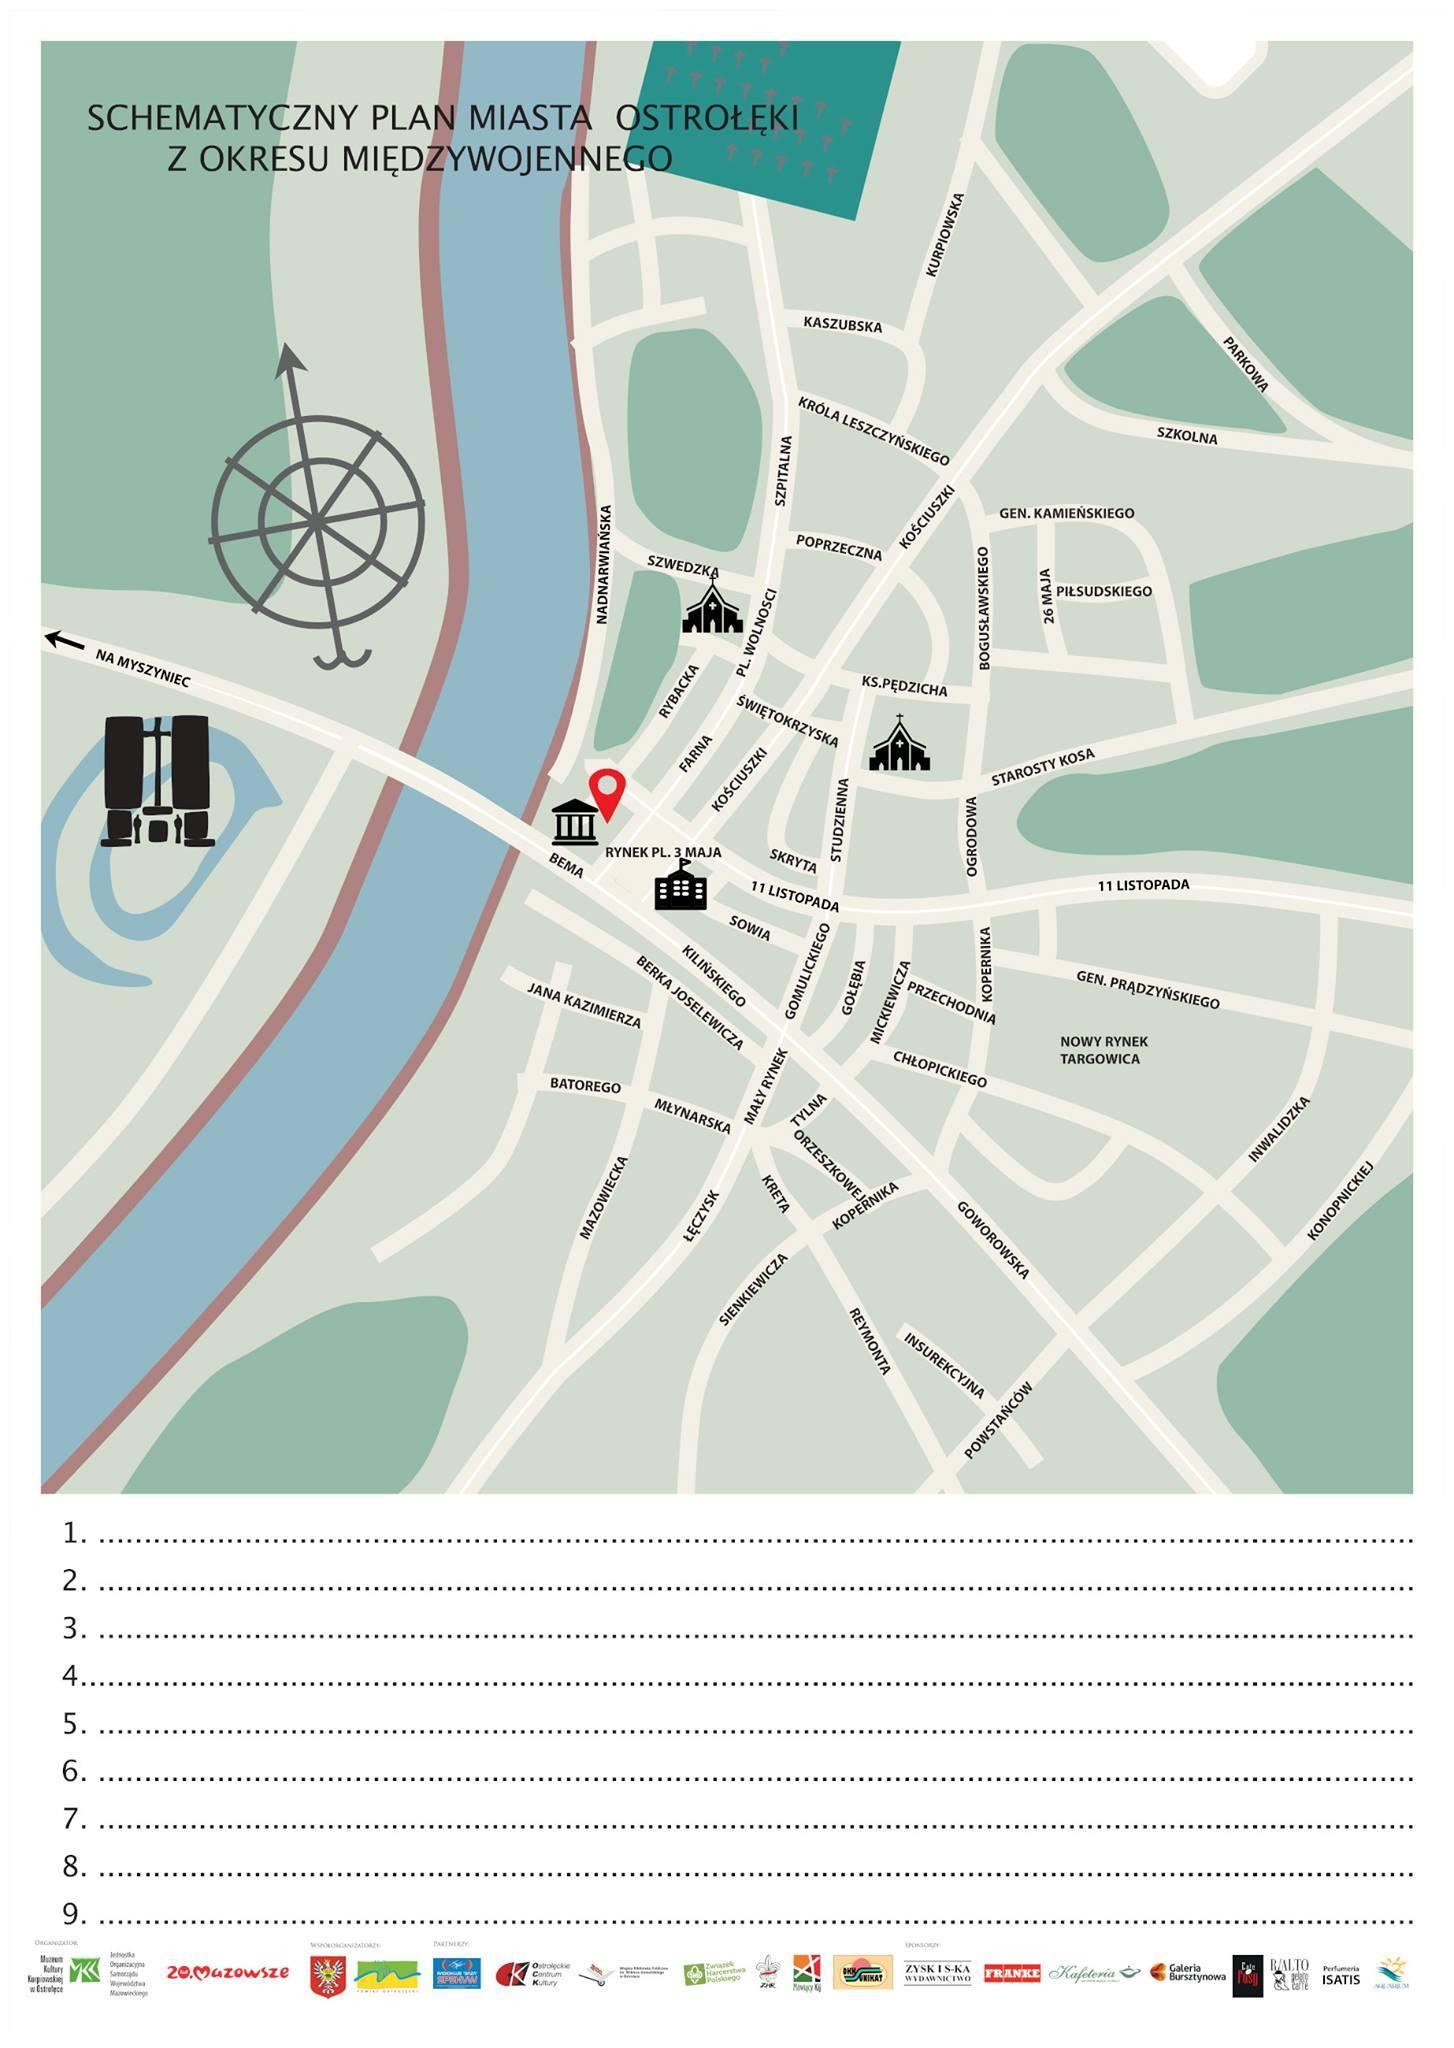 Rozwiązanie zadania z gry miejskiej